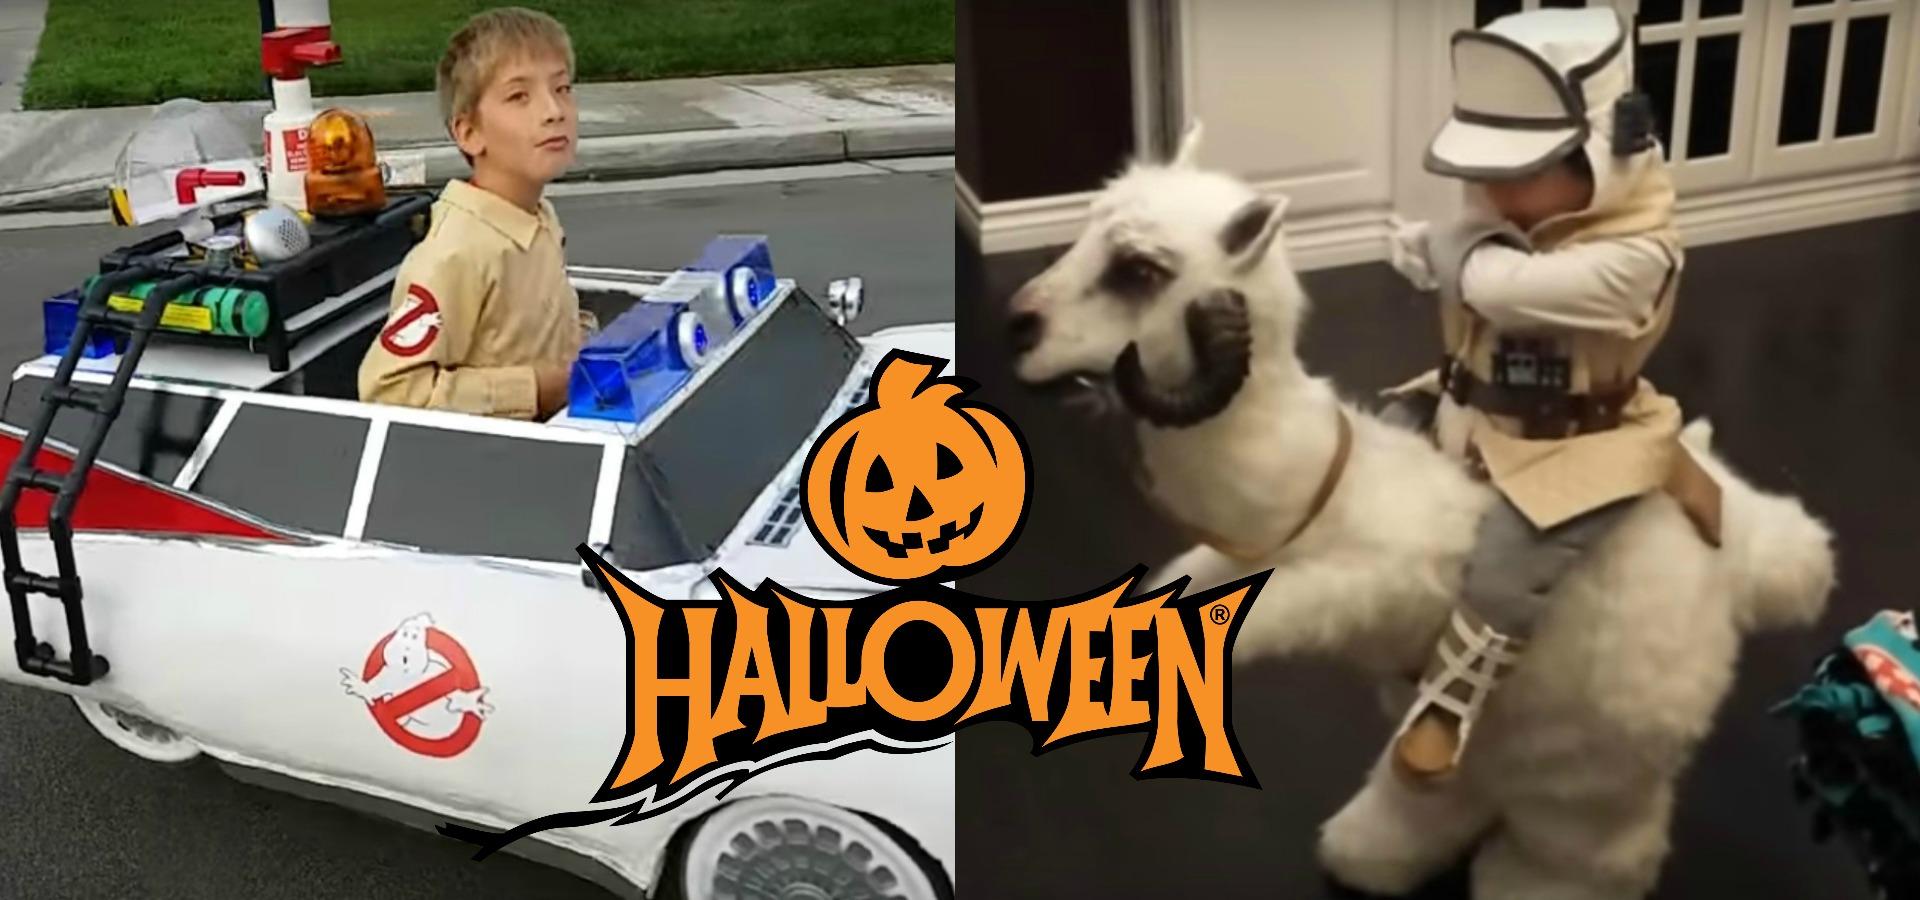 halloween-copertina